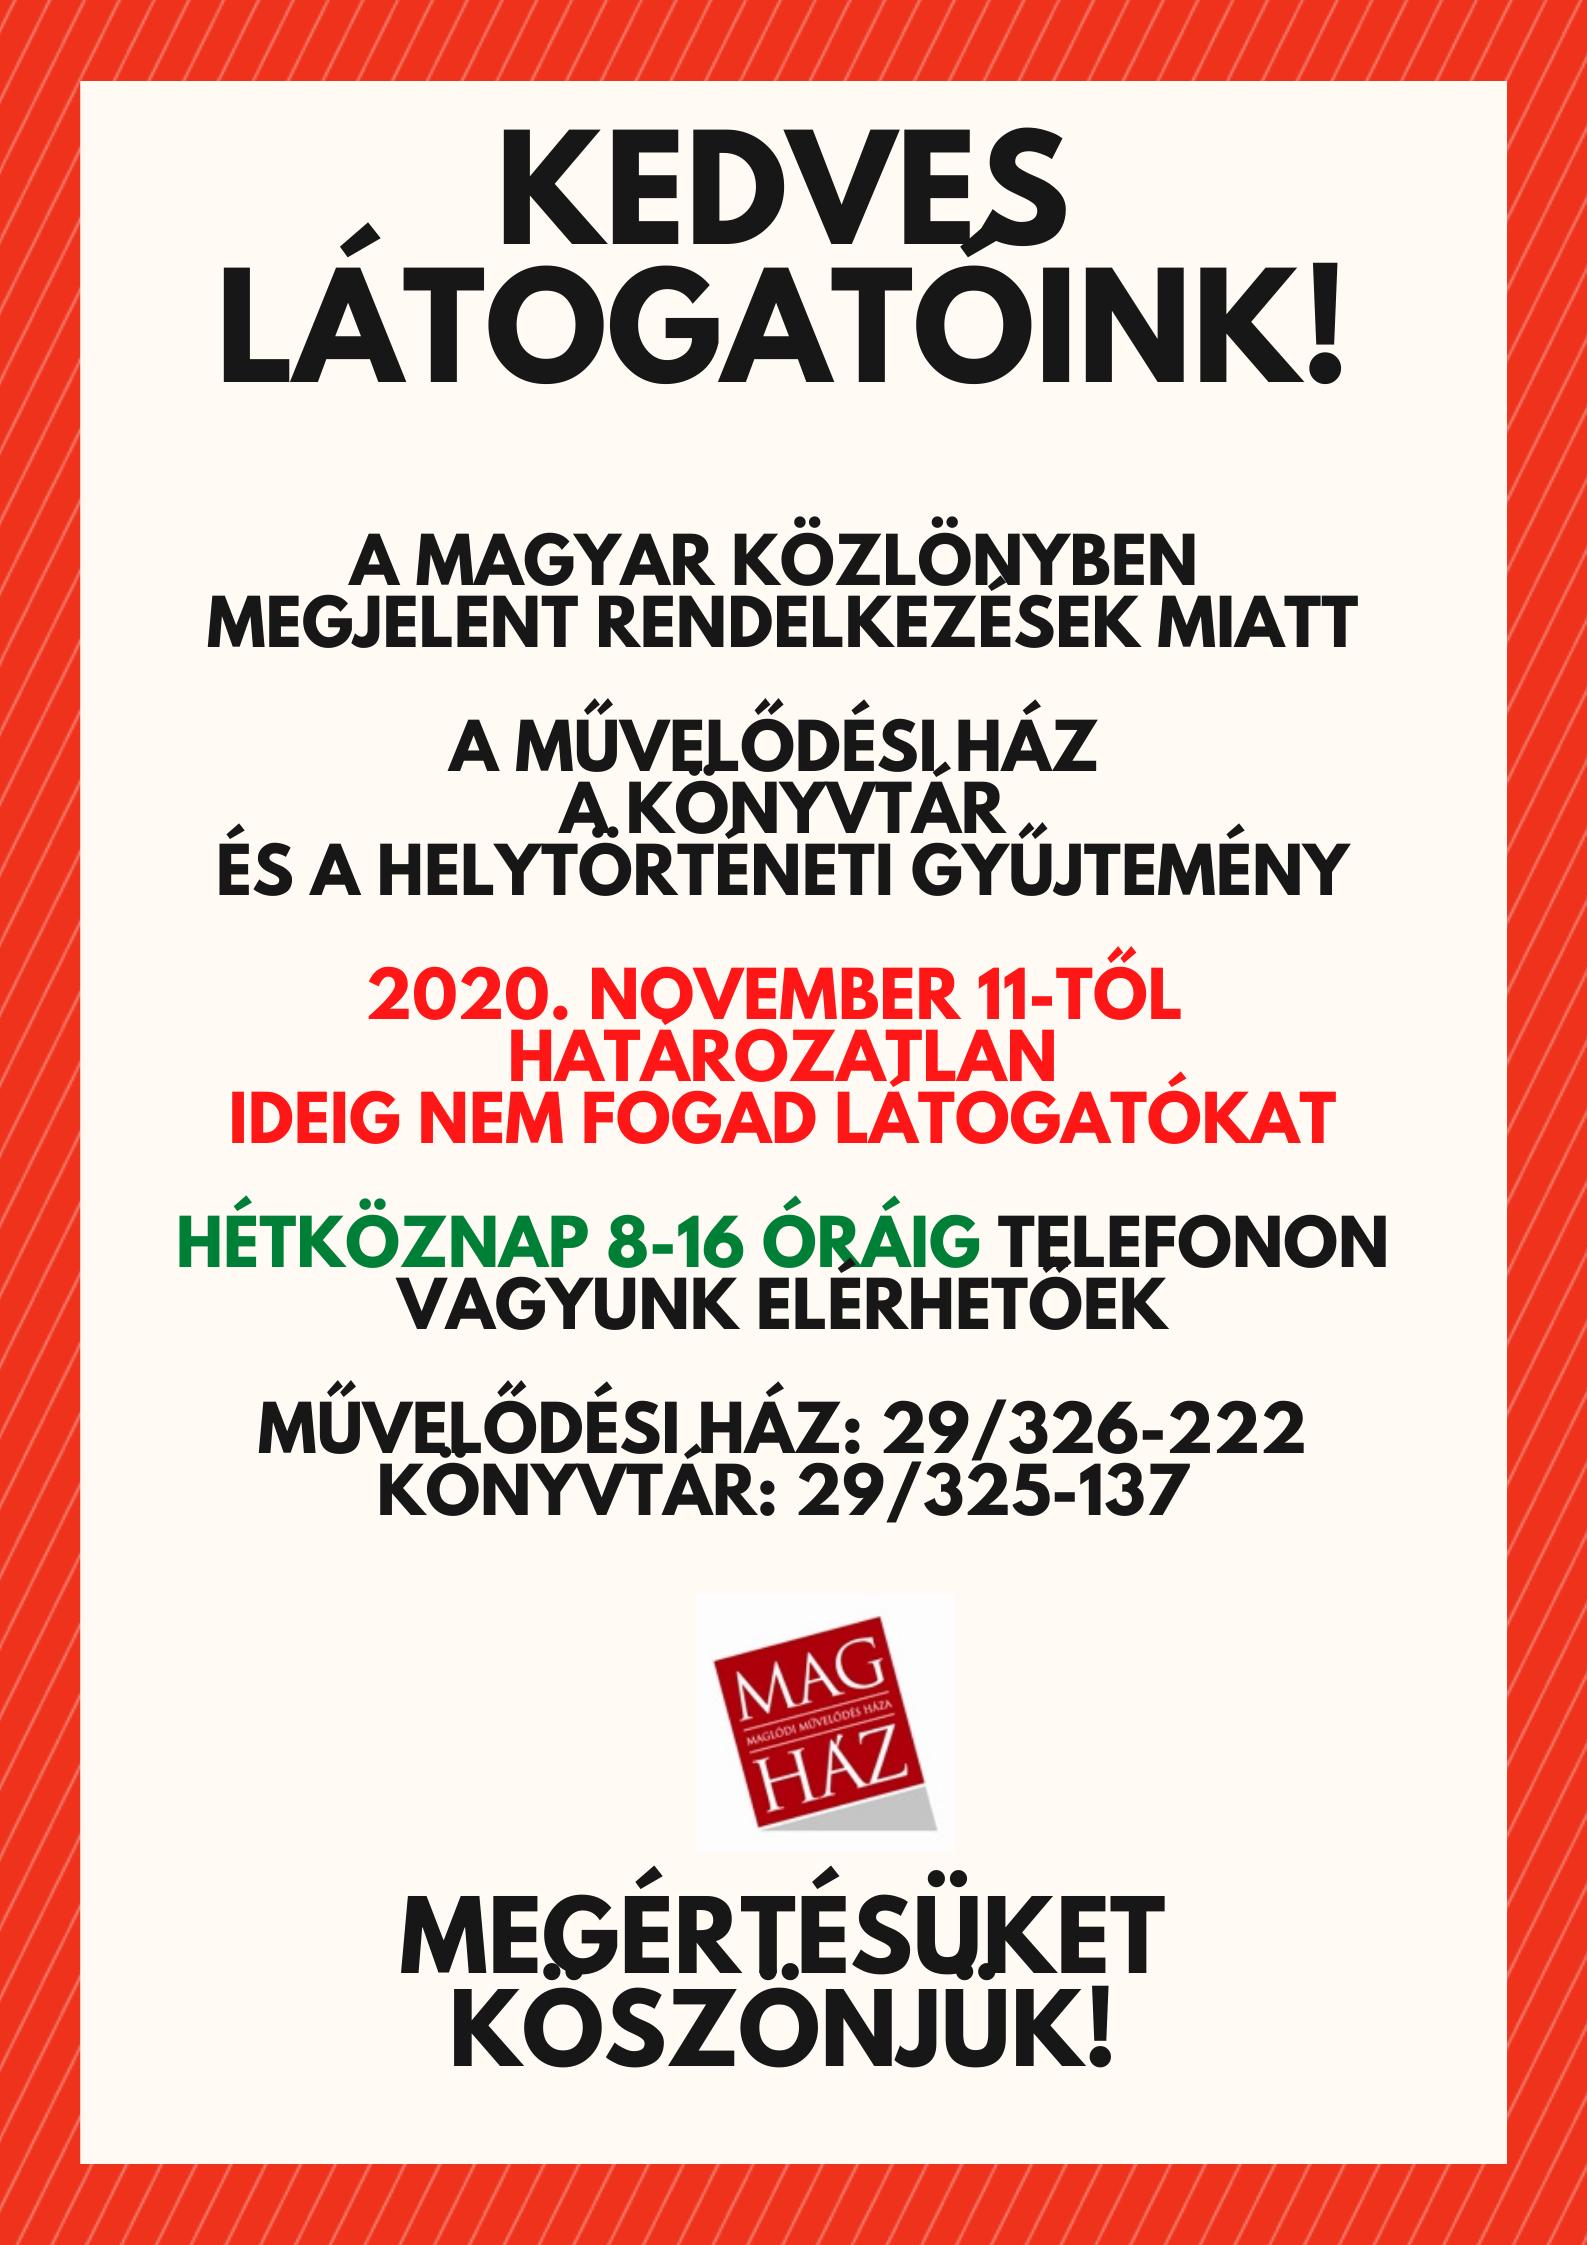 2020.11.11. Aktuális információk nyitva tartásunkkal kapcsolatban